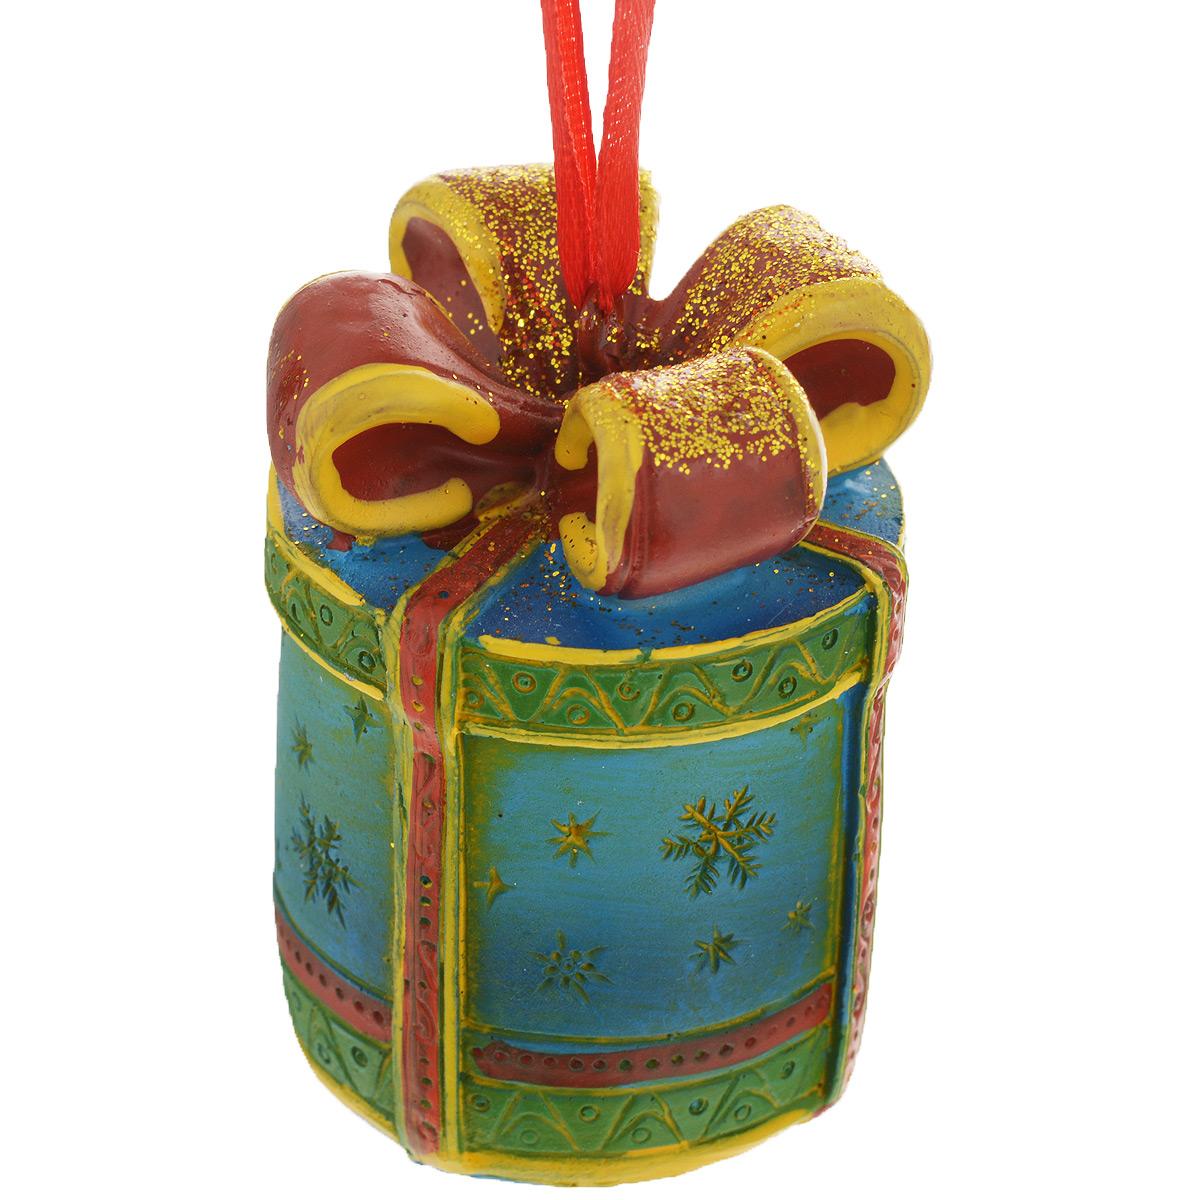 Новогоднее подвесное украшение Феникс-Презент Подарок. 34597 феникс презент украшение новогоднее подвесное сова пират из полирезины